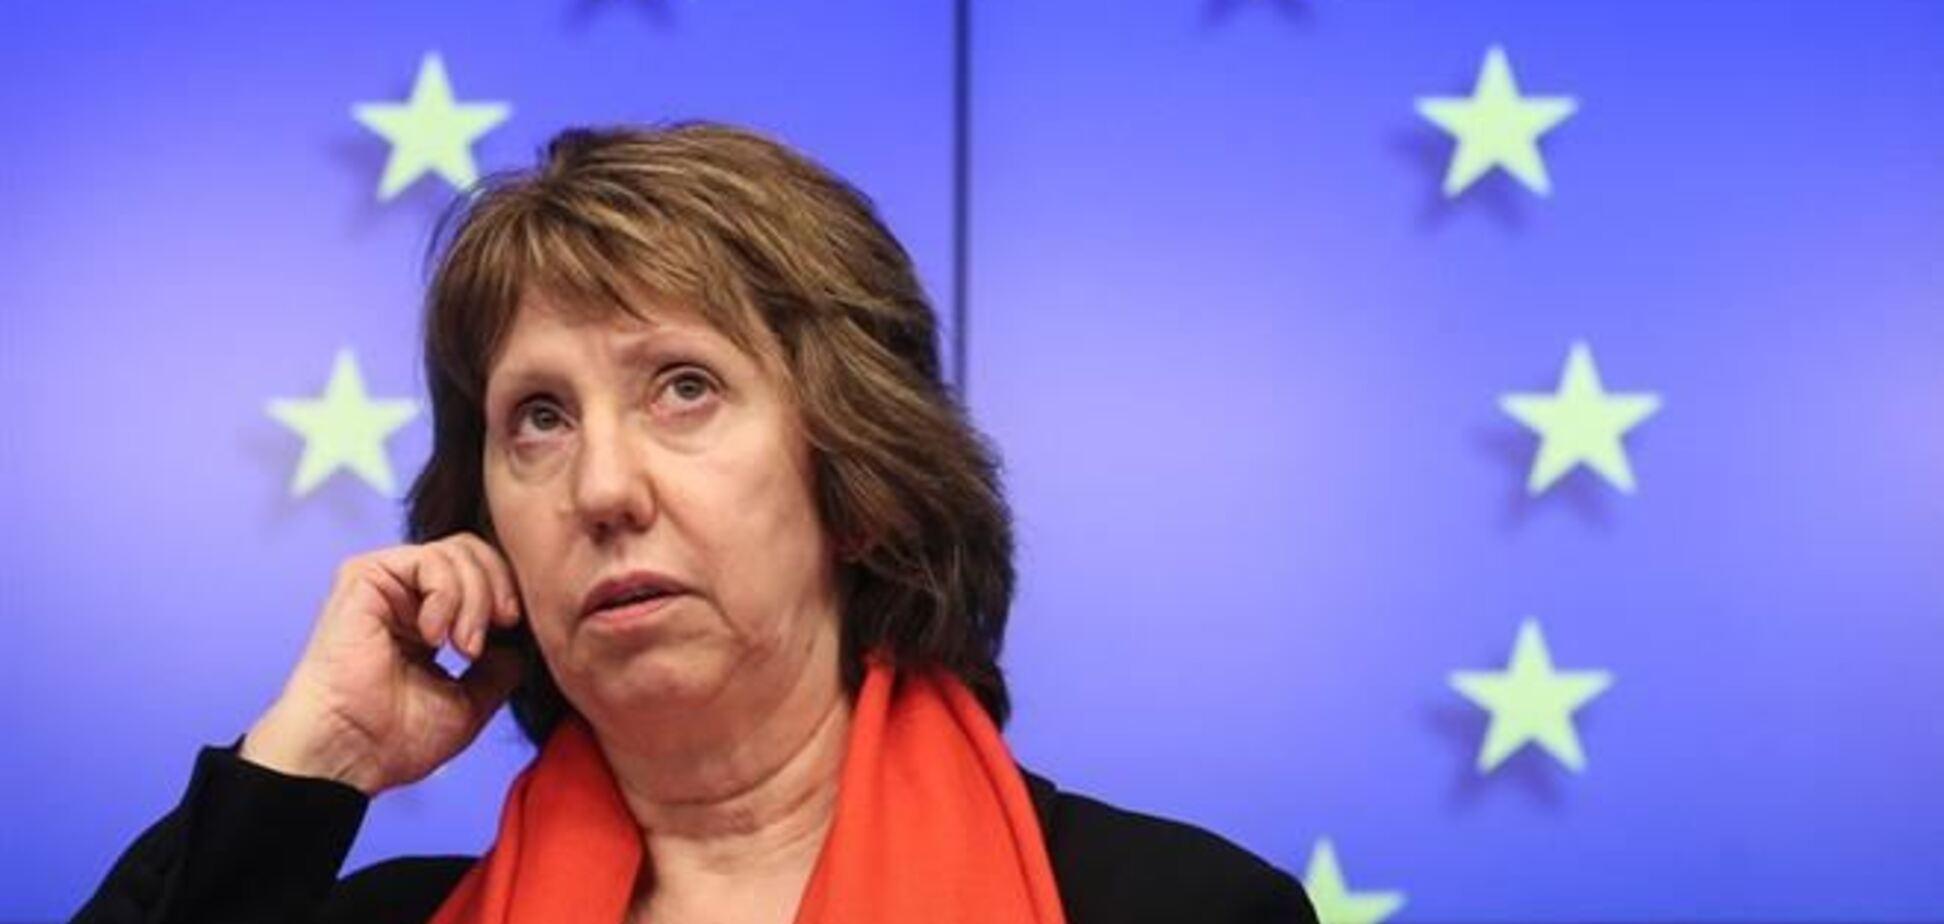 Ештон закликала українських політиків до продовження діалогу